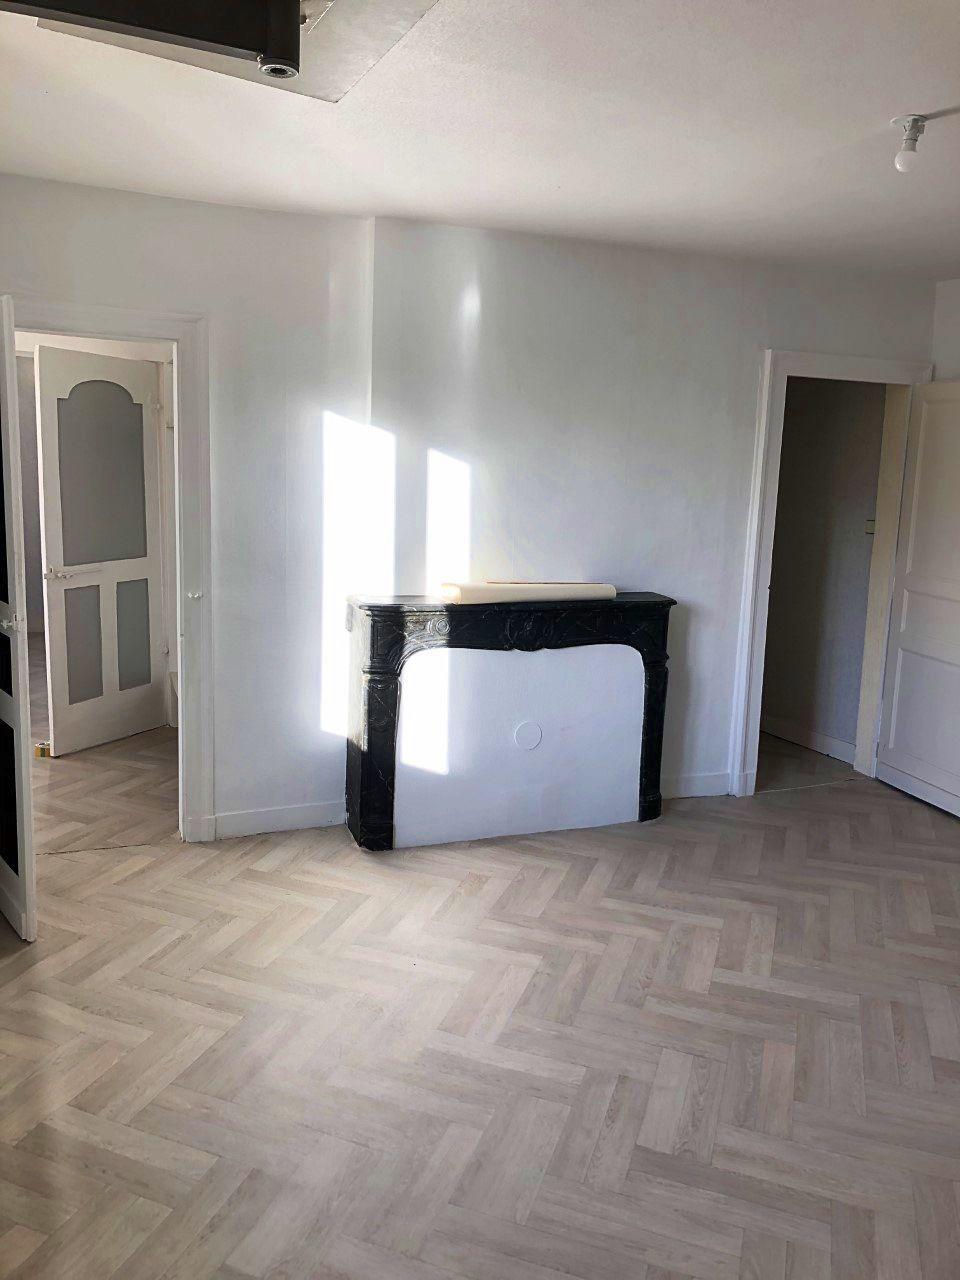 Louer F240m² 1chambre 1er étage avec garage et jardin privatif - Lisieux centre ville